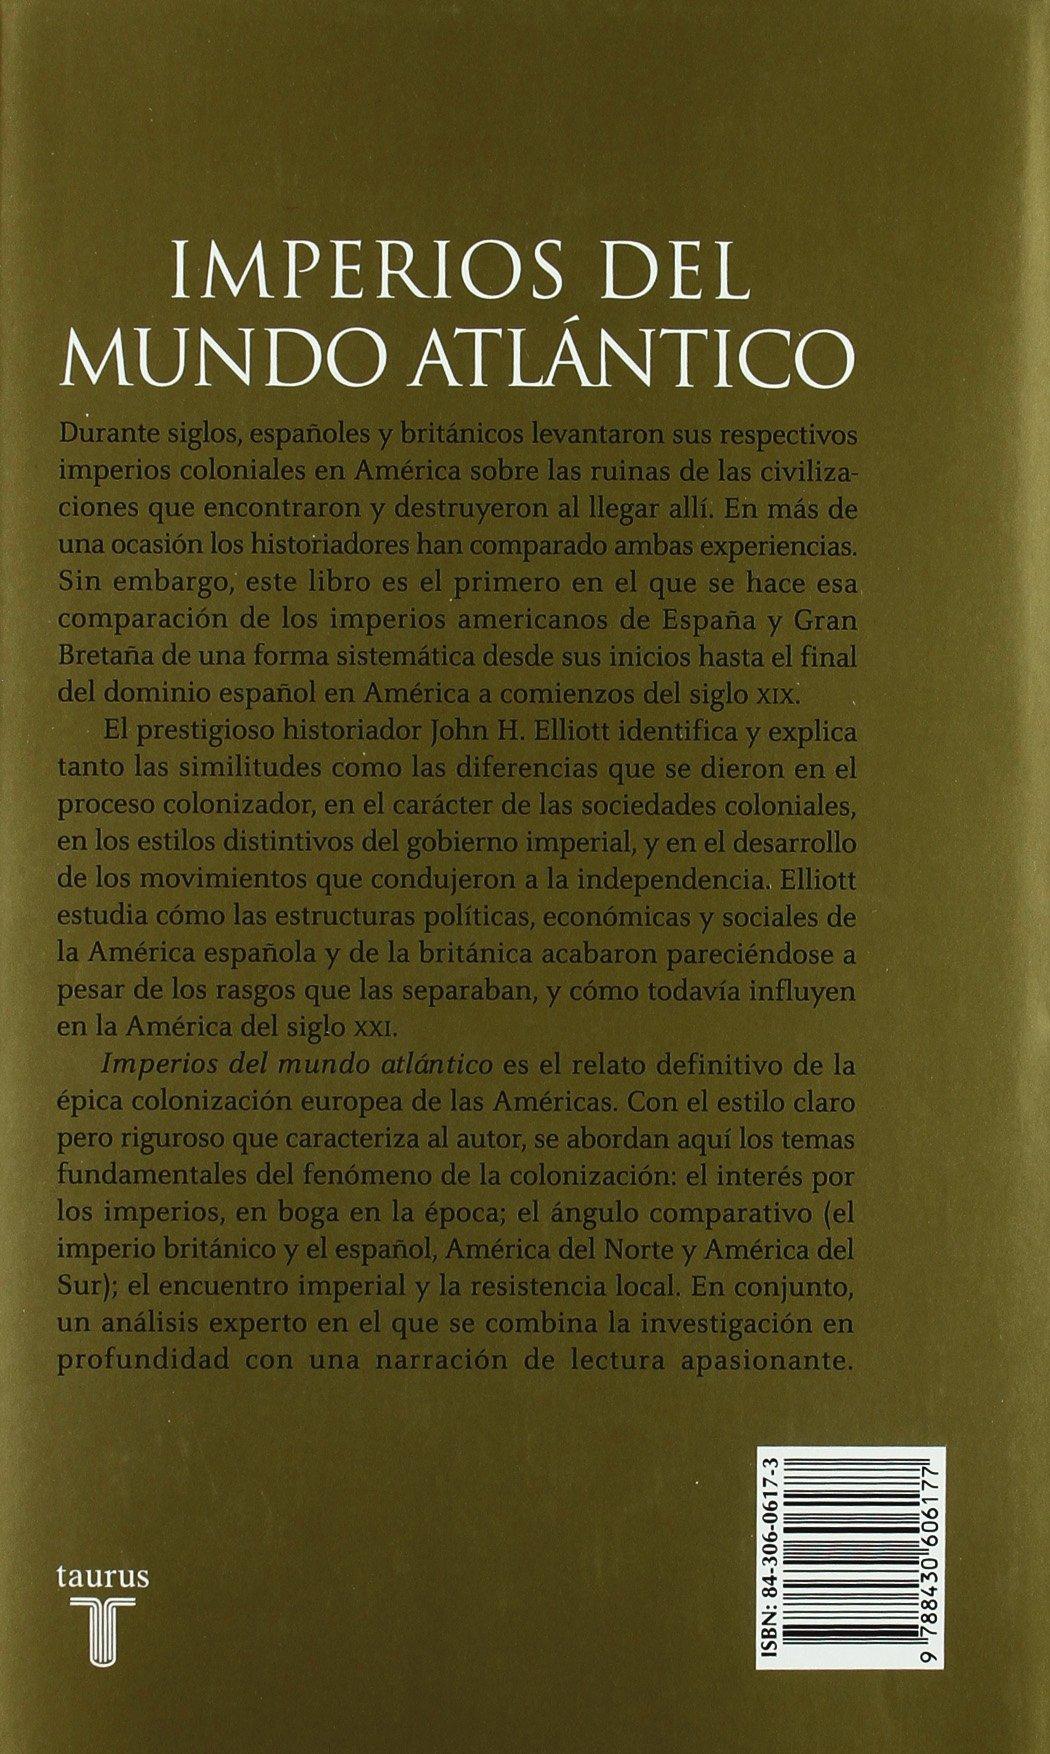 Imperios del mundo atlántico: España y Gran Bretaña en ...